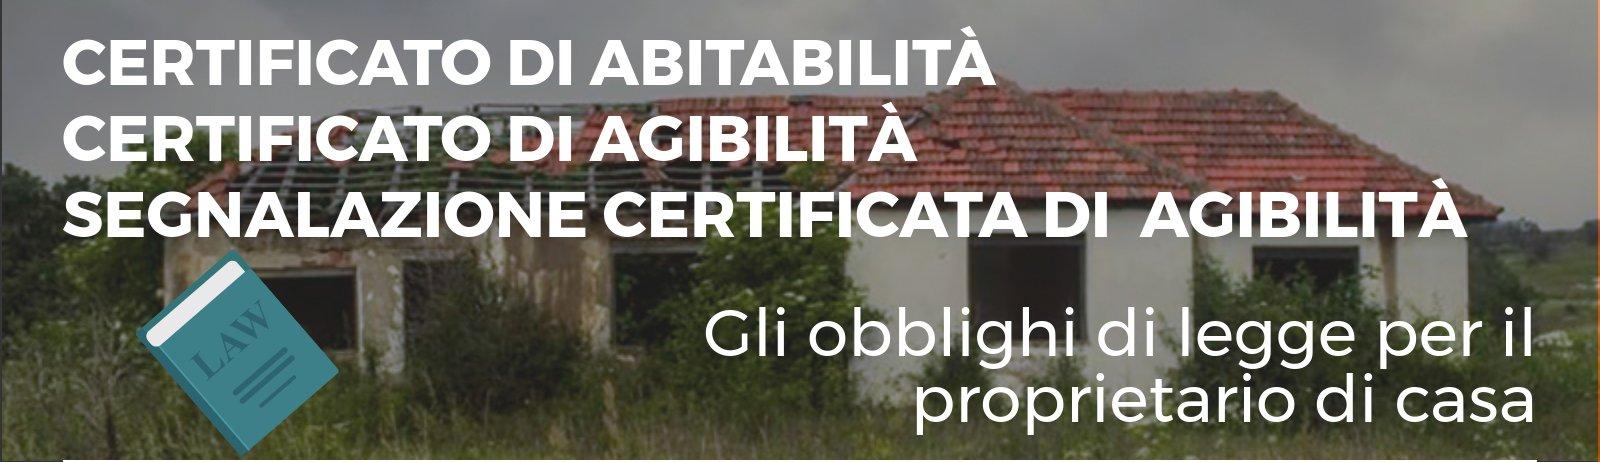 certificato di abitabilità: copertina infografica